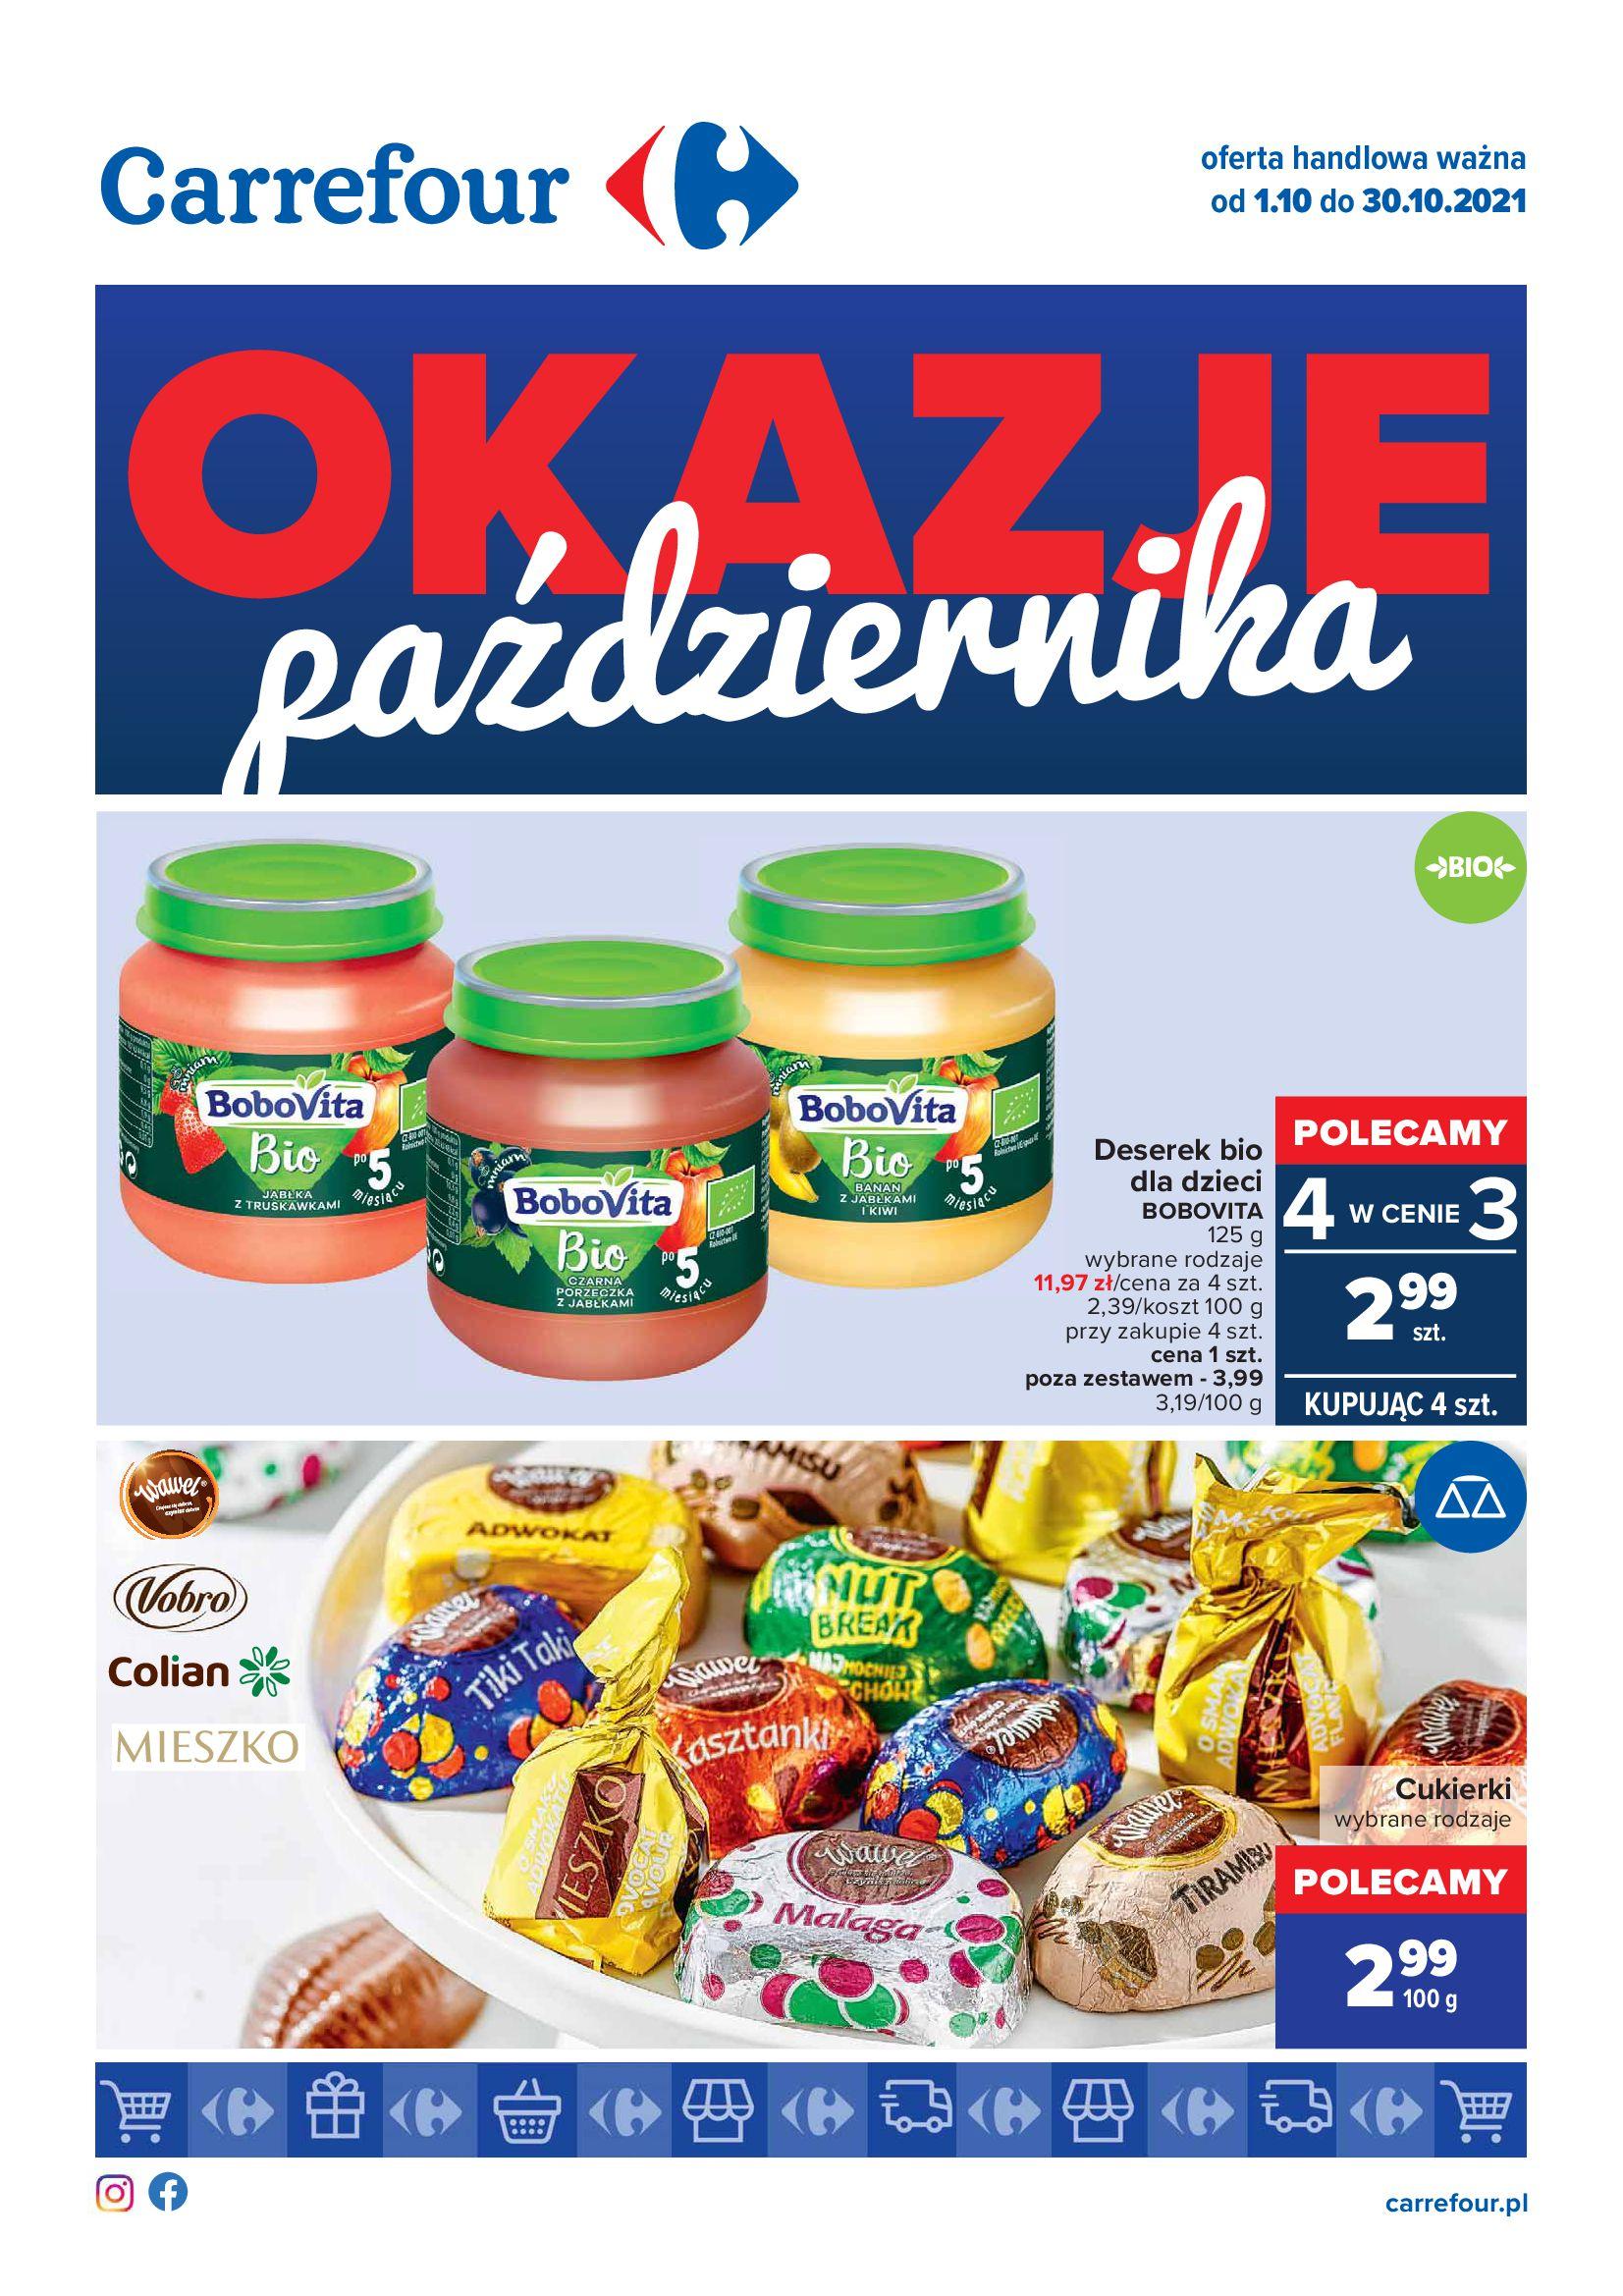 Gazetka Carrefour: Gazetka Carrefour - Okazje Października 2021-10-01 page-1